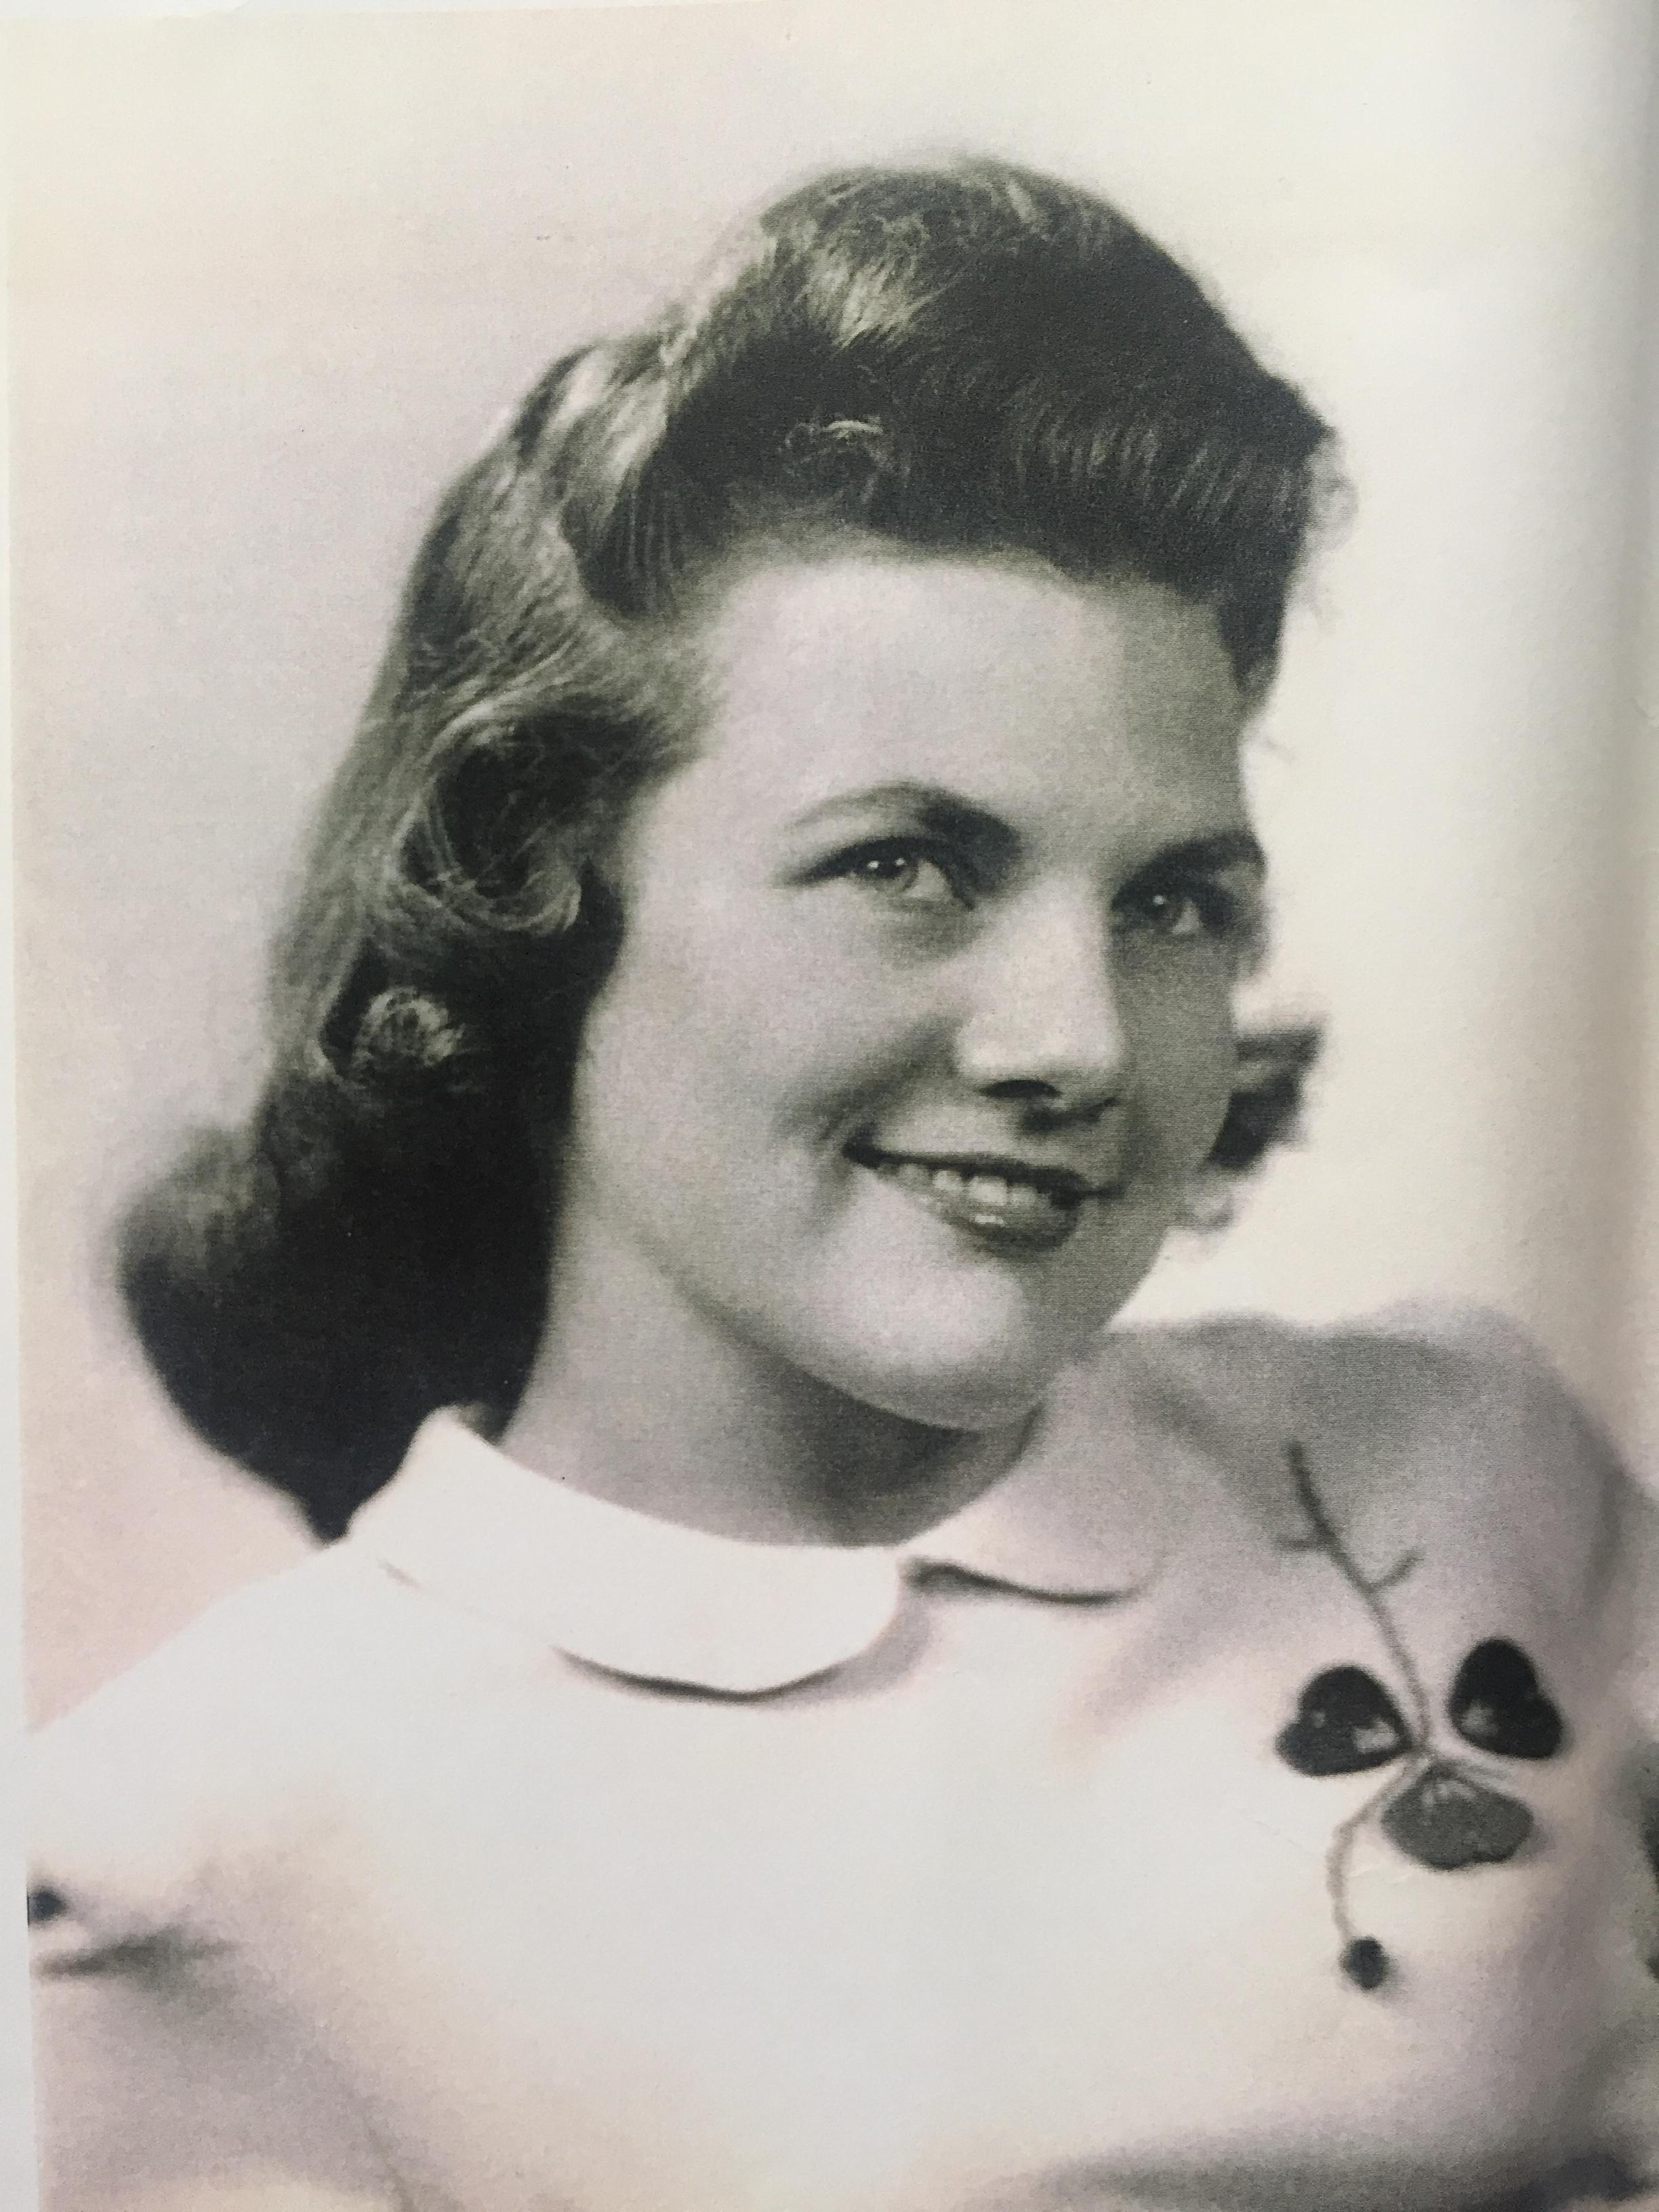 Millie O'Toole